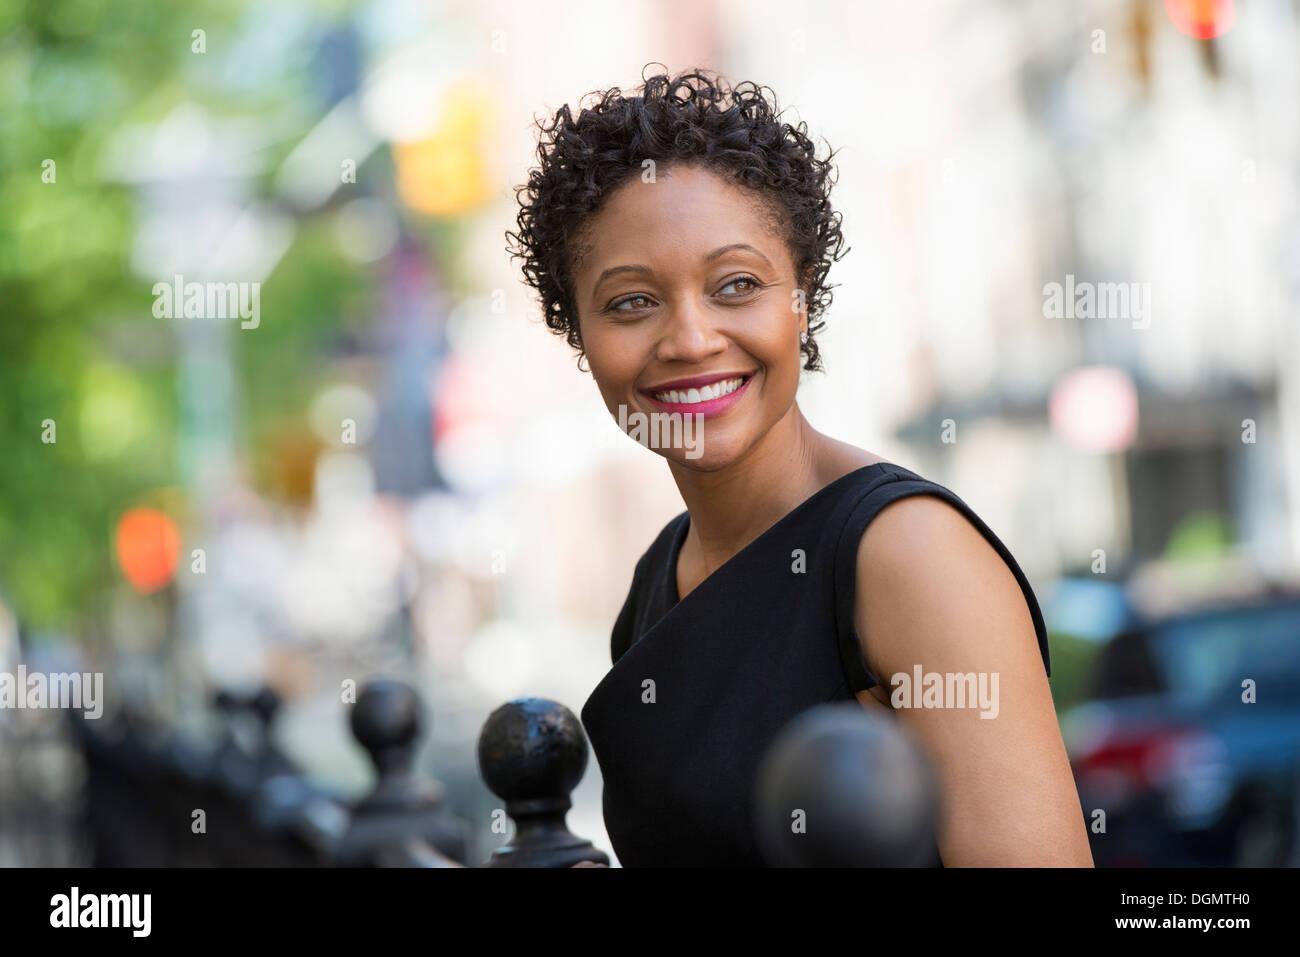 La gente en movimiento. Una mujer en un vestido negro en una calle de la ciudad. Imagen De Stock